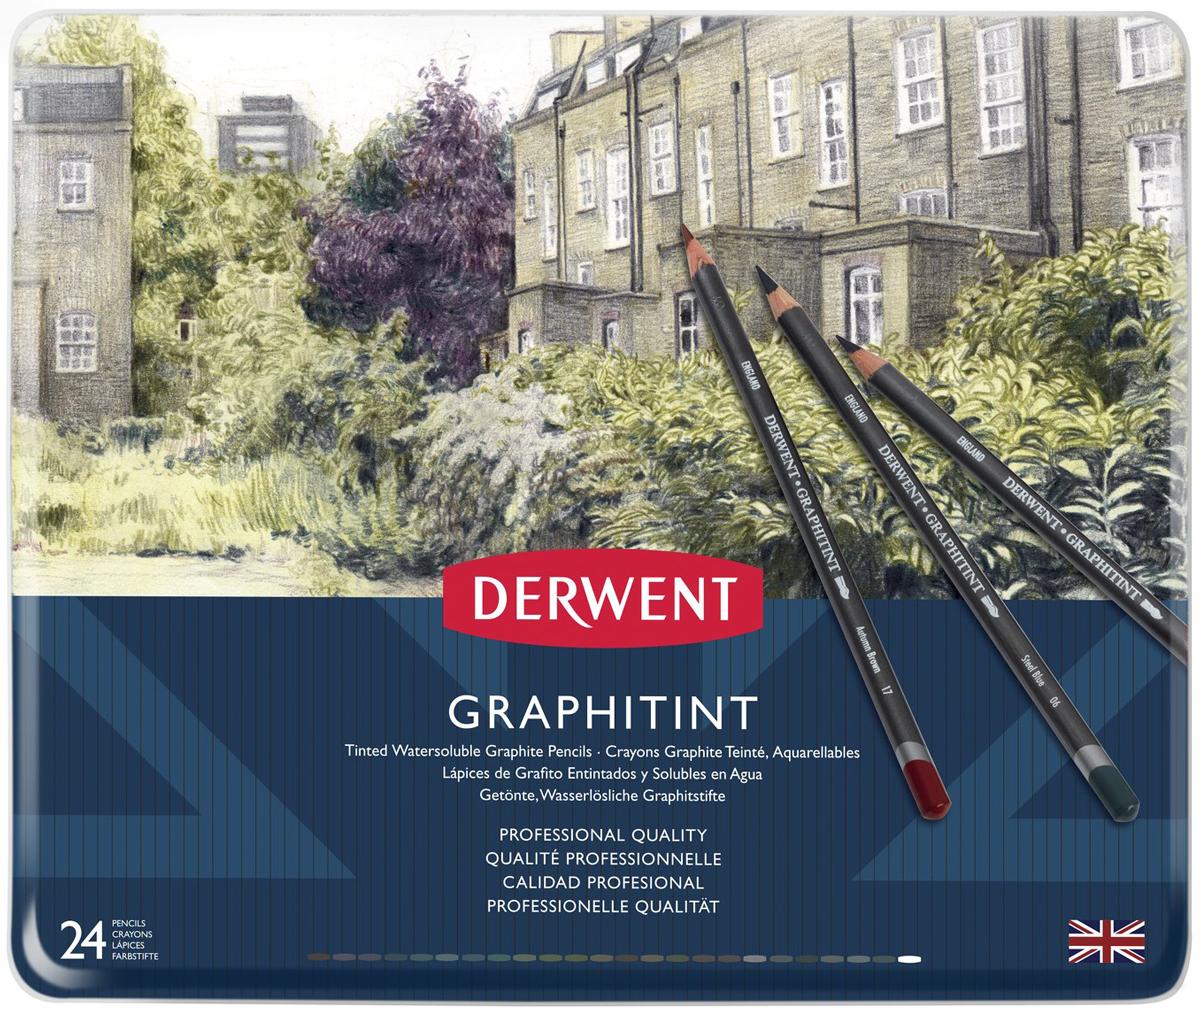 Derwent Набор акварельных карандашей Graphitint 24 цвета конструктор picn mix 698 grey green 698 grey green